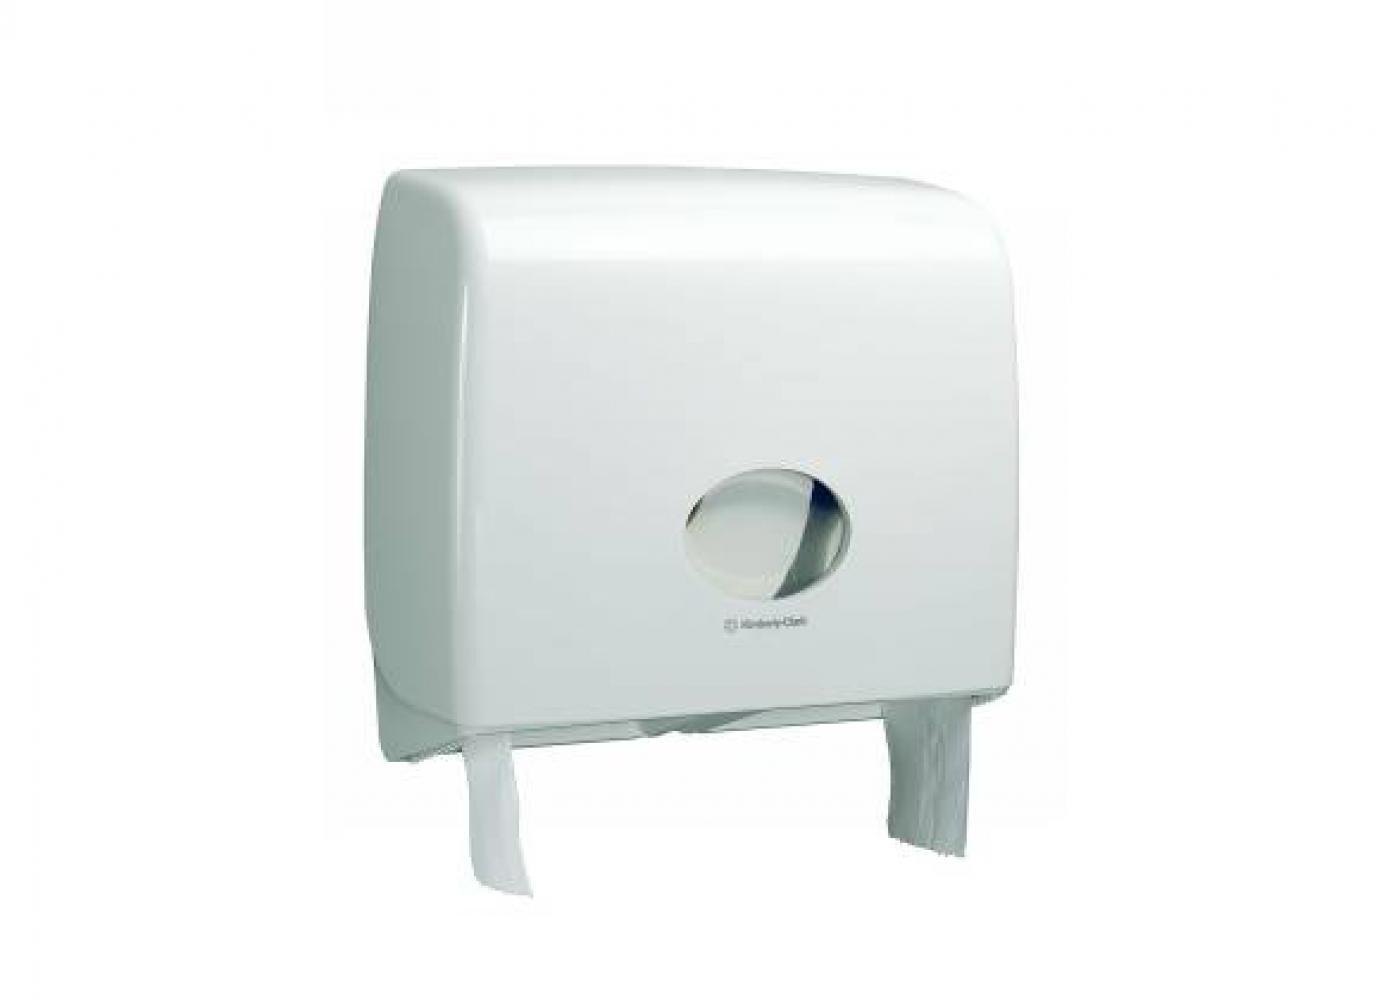 Acquista Distributore Aquarius Igienica 17545629 | Glooke.com